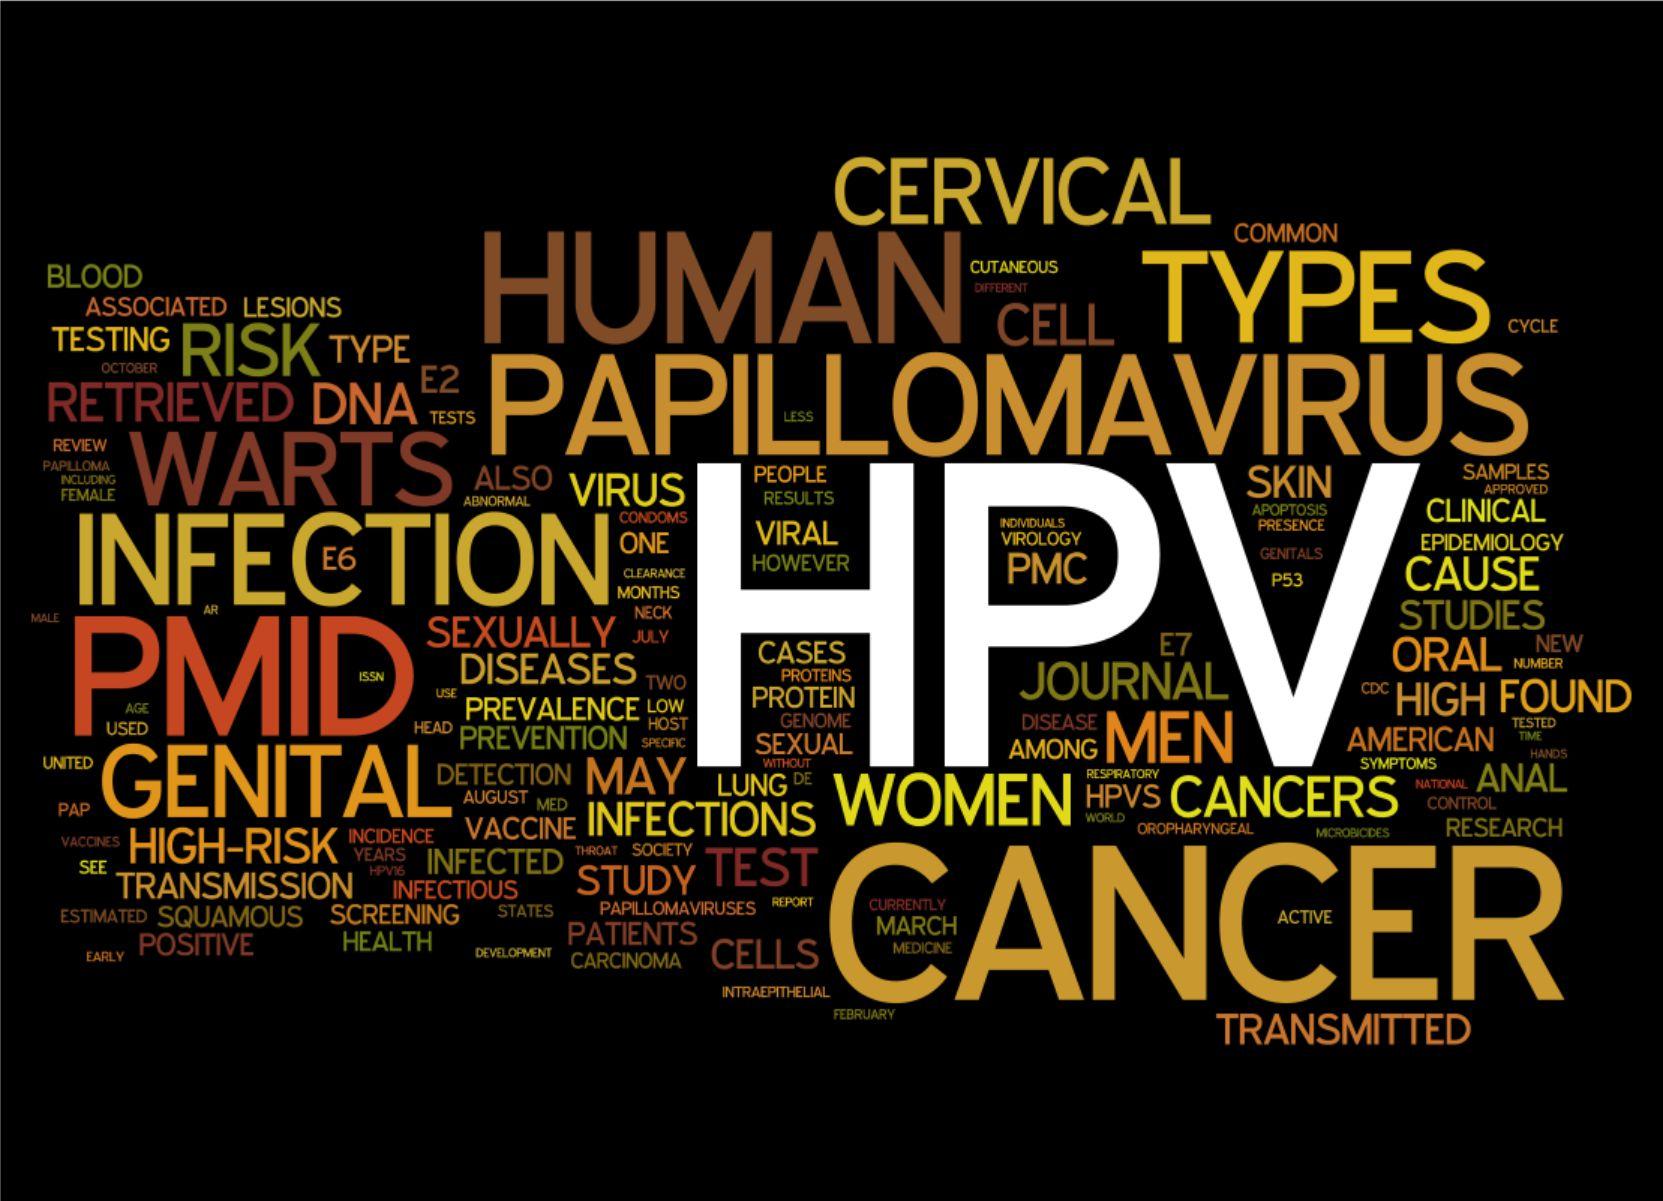 Quanto dura il vaccino del papillomavirus. Papilloma virus vaccino quanto dura,